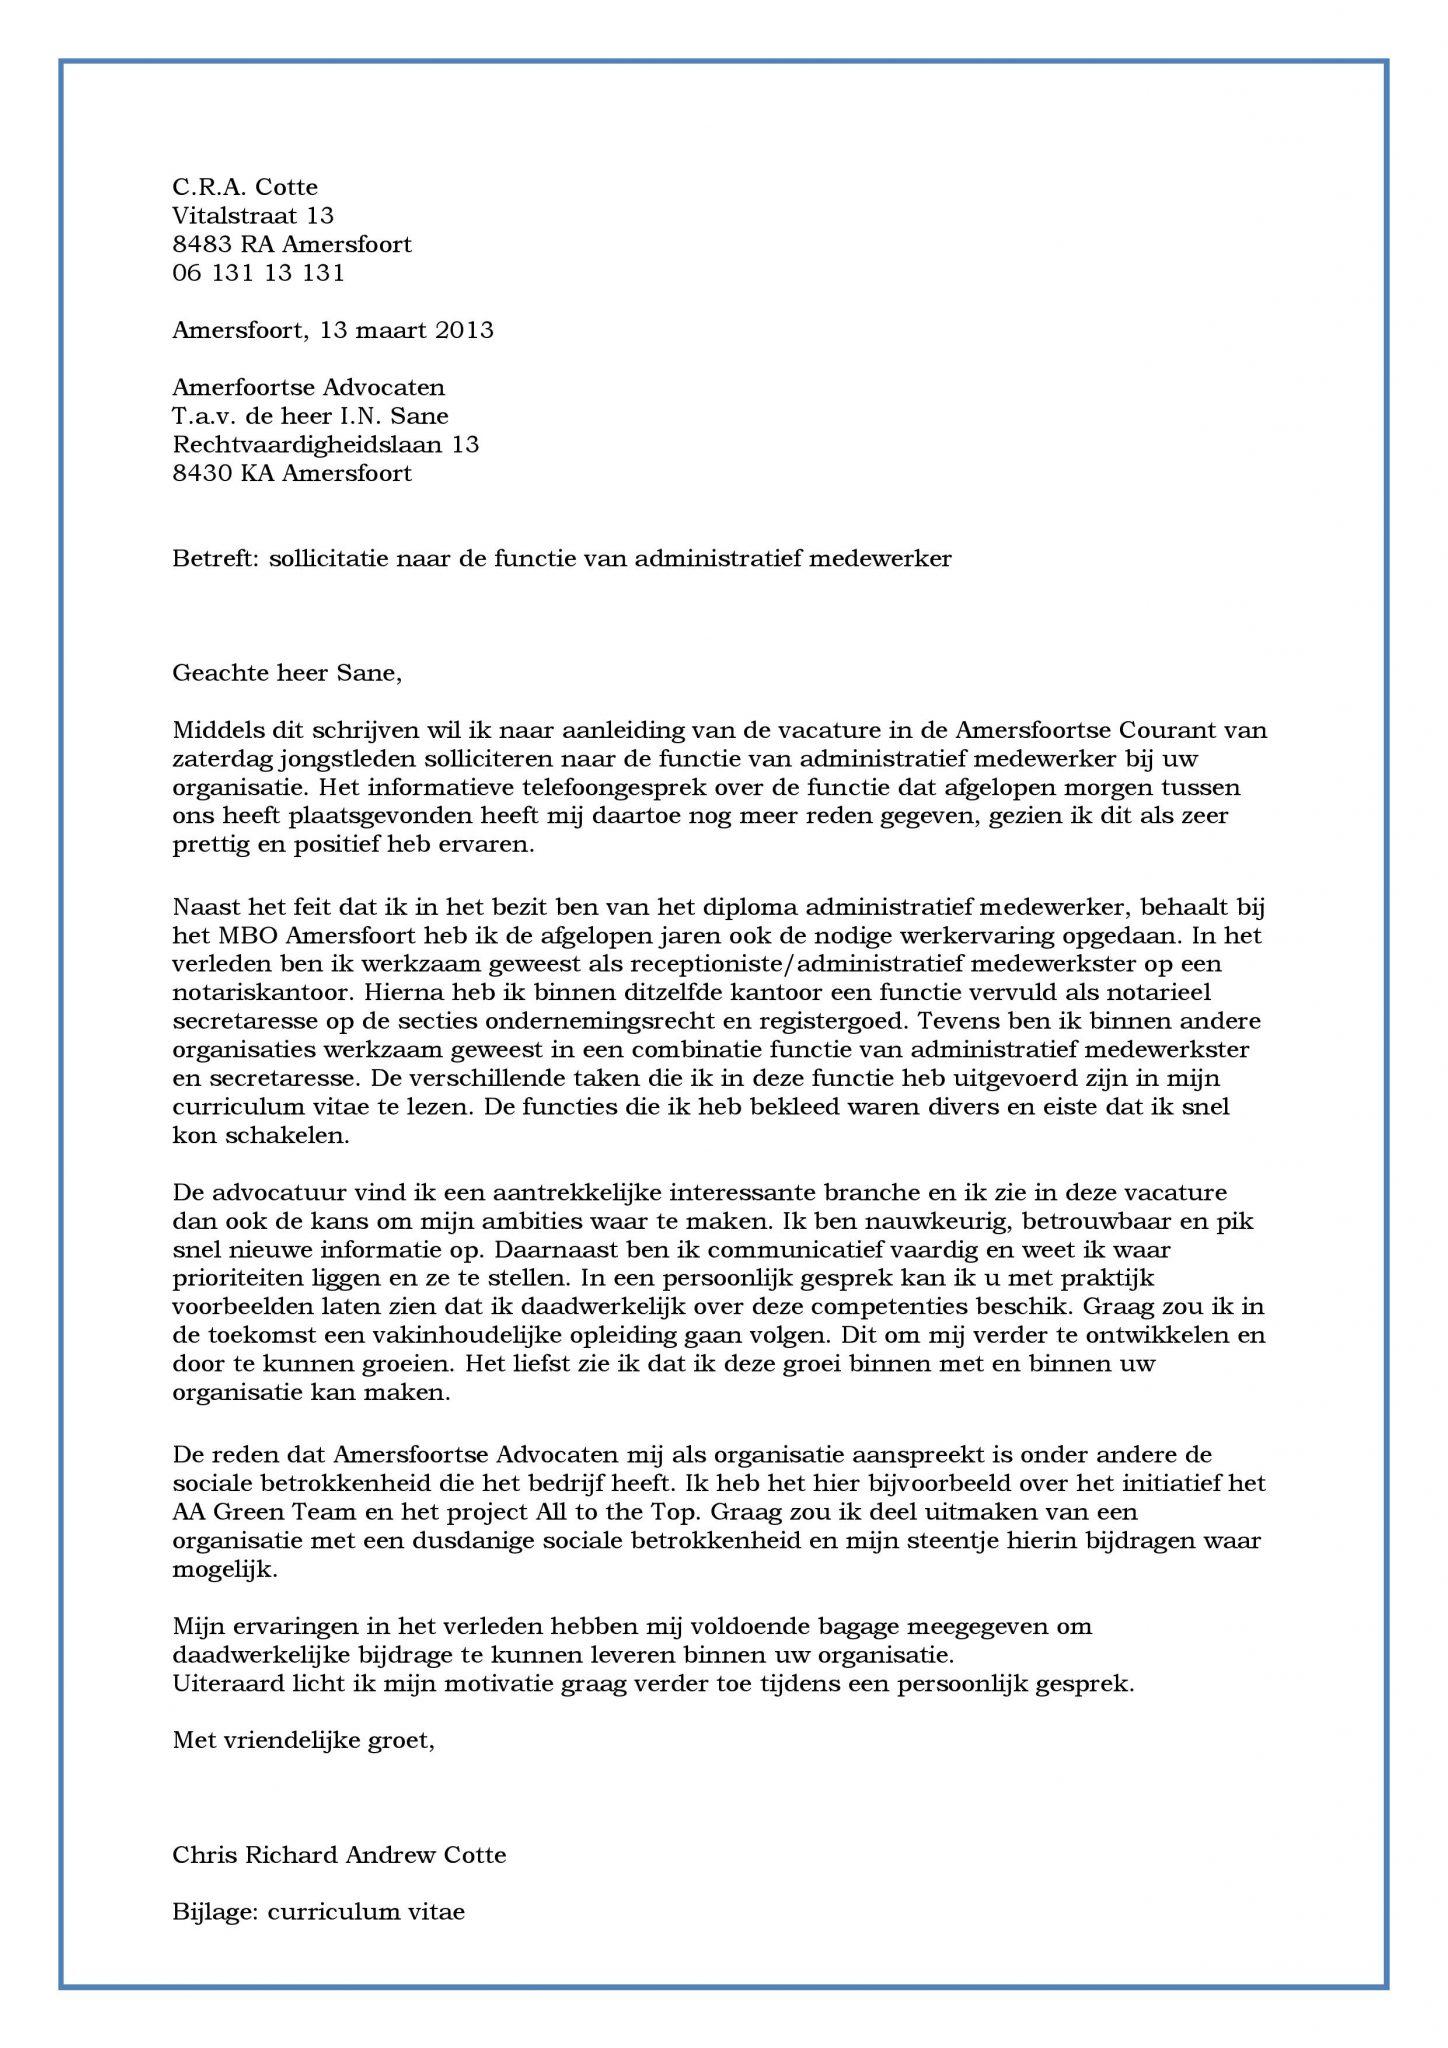 Sollicitatiebrief administratief medewerker (met rand